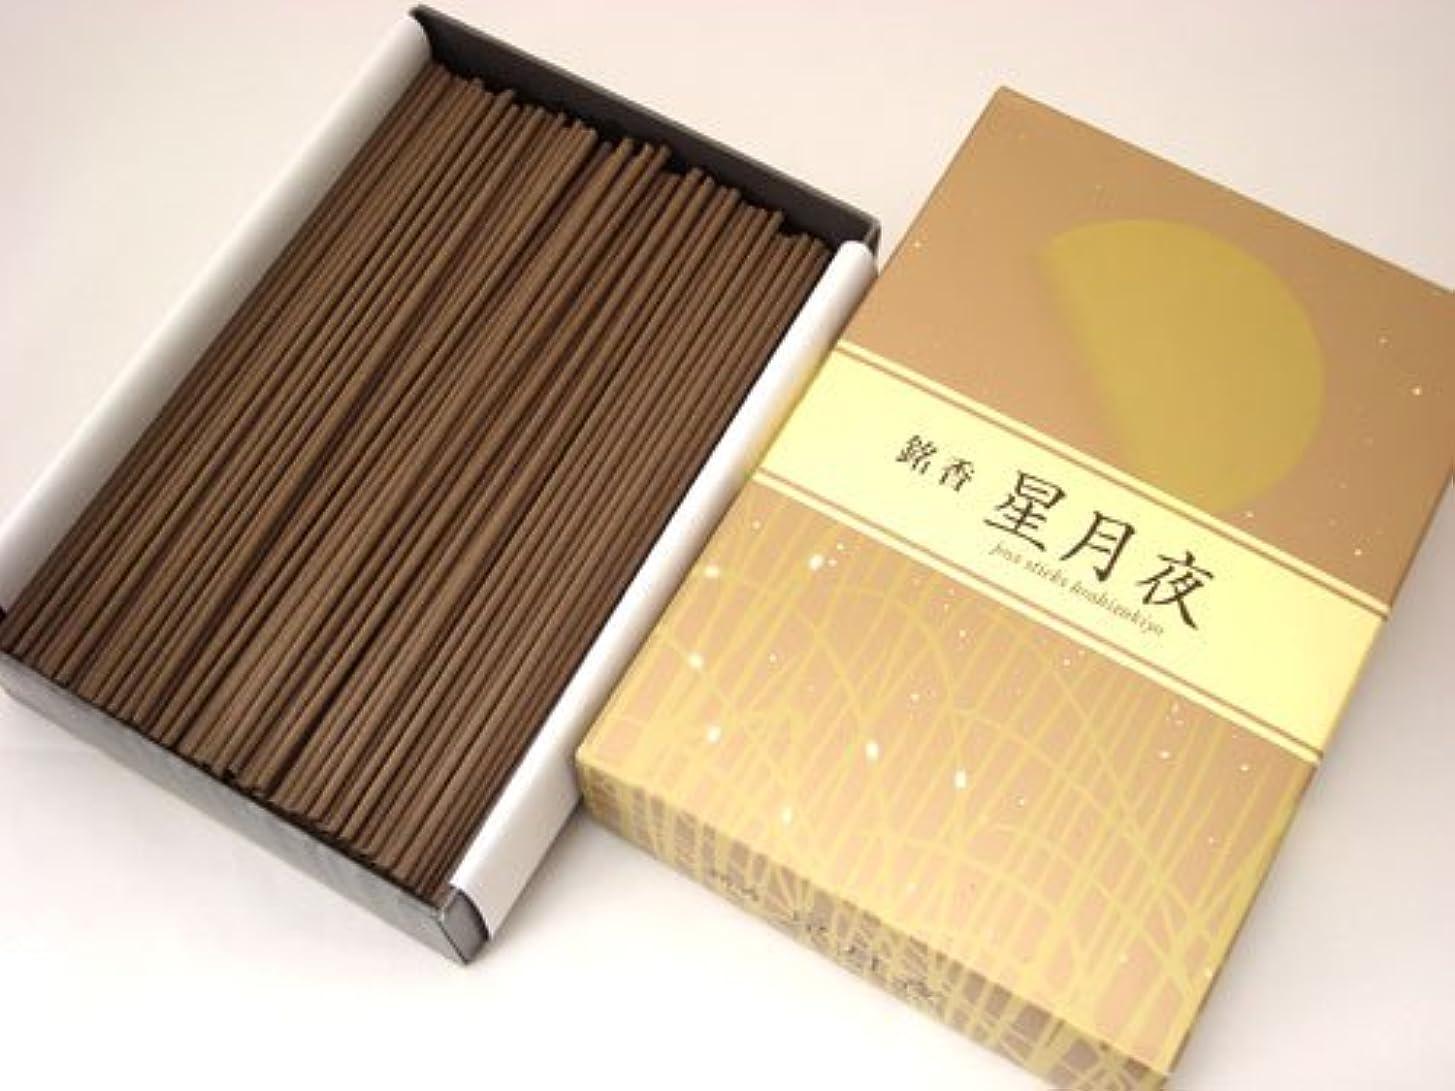 屋内で権威軸日本香堂 微煙タイプ【銘香 星月夜(ほしづきよ)】 バラ詰 大箱